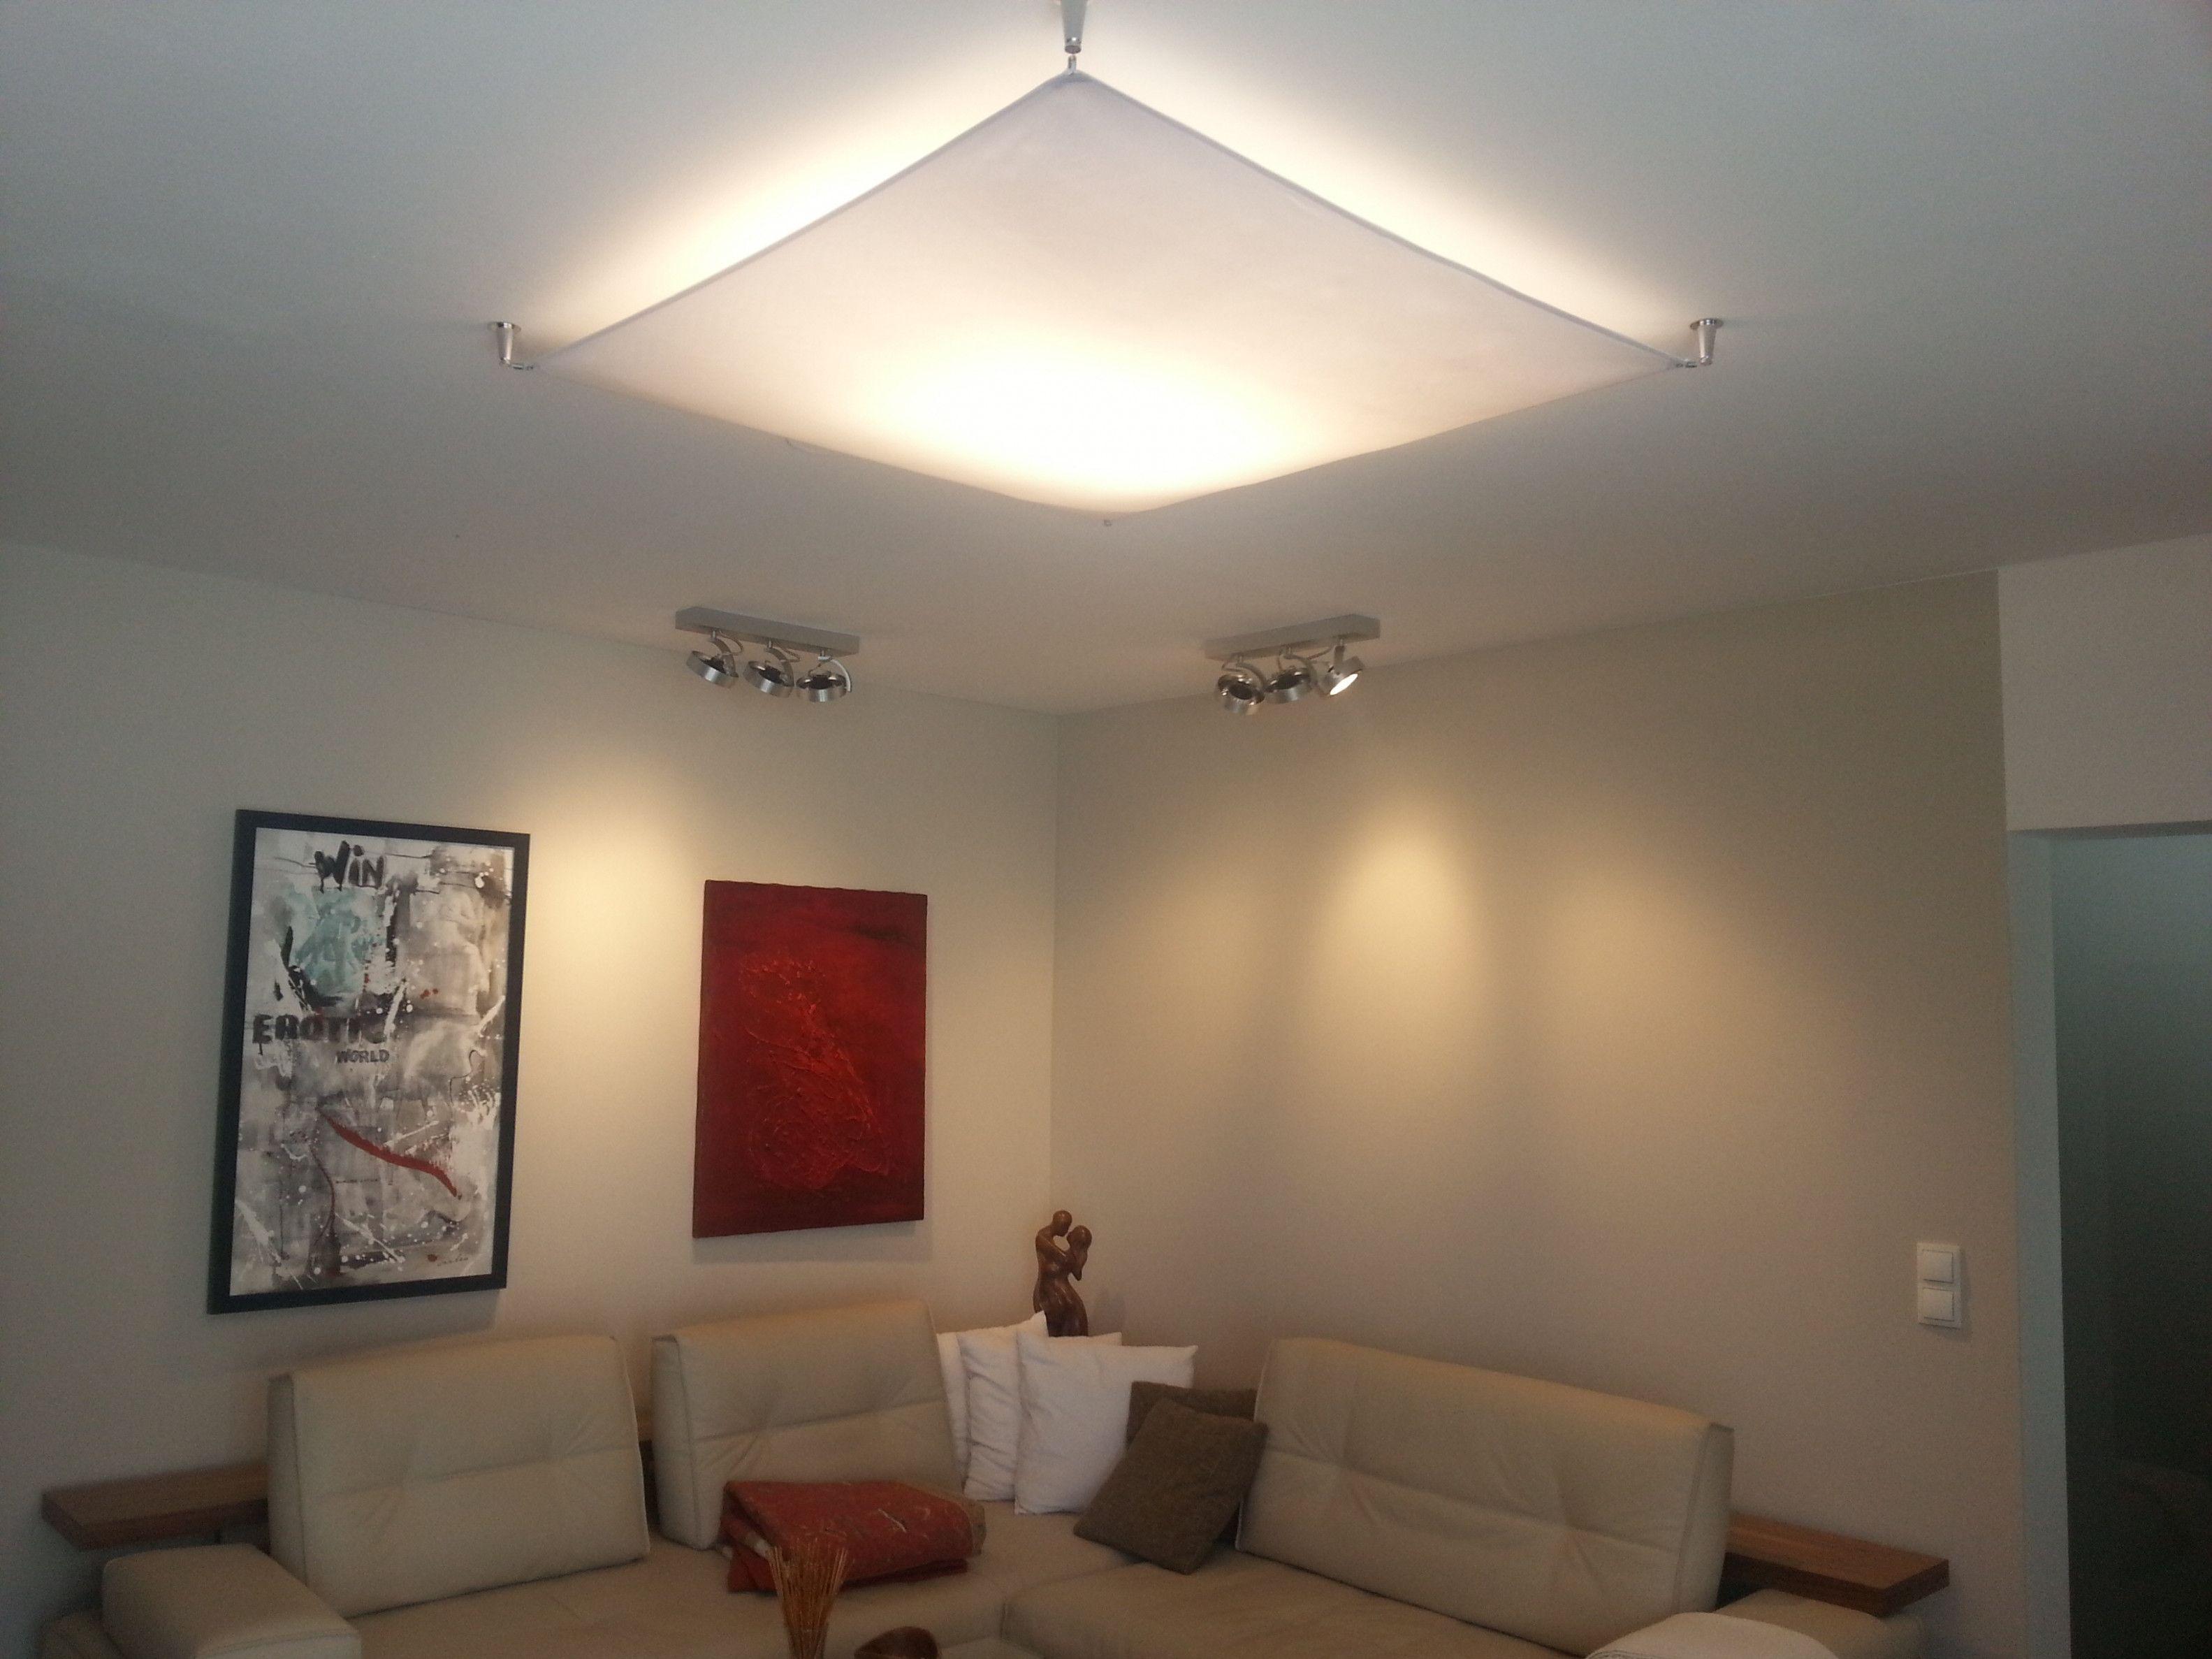 Pinterest Wohnzimmer Lampe  Lampen wohnzimmer